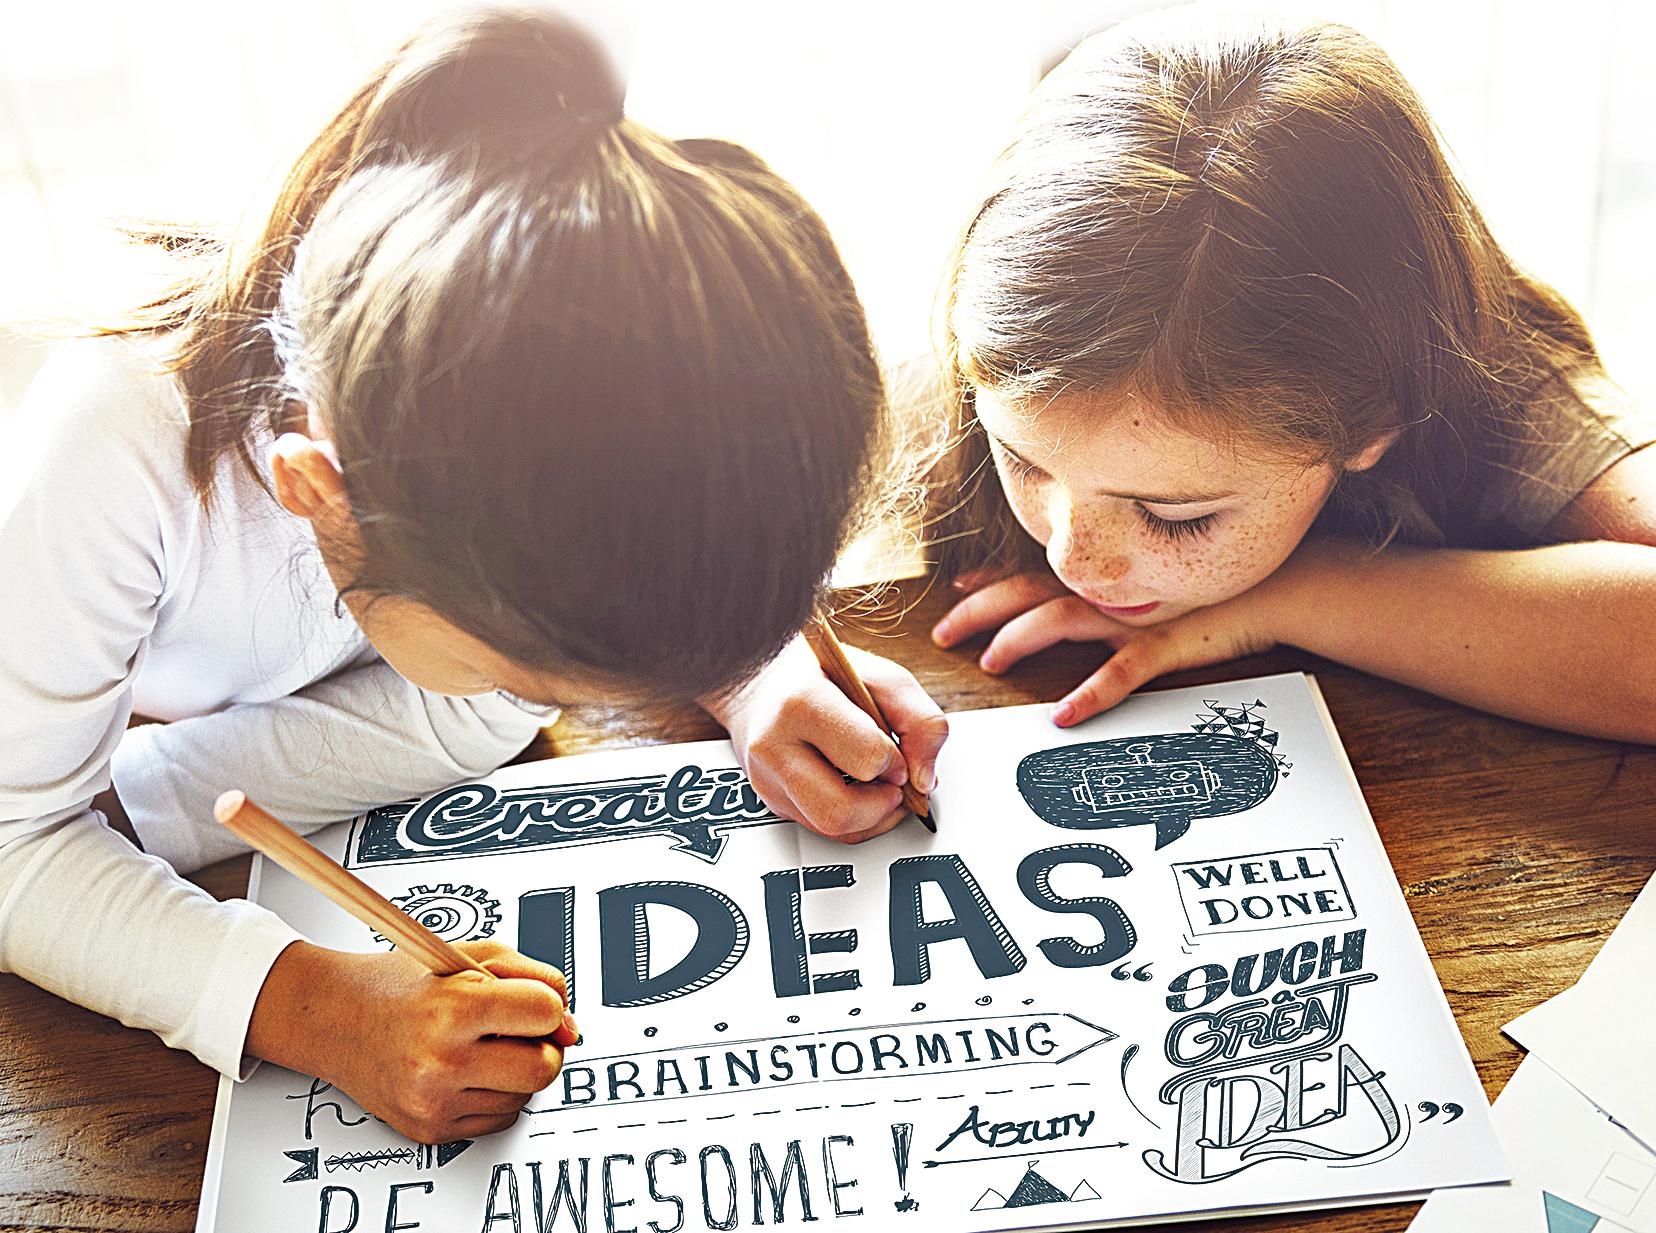 智慧始於好奇:鼓勵孩子 自主學習的6個關鍵